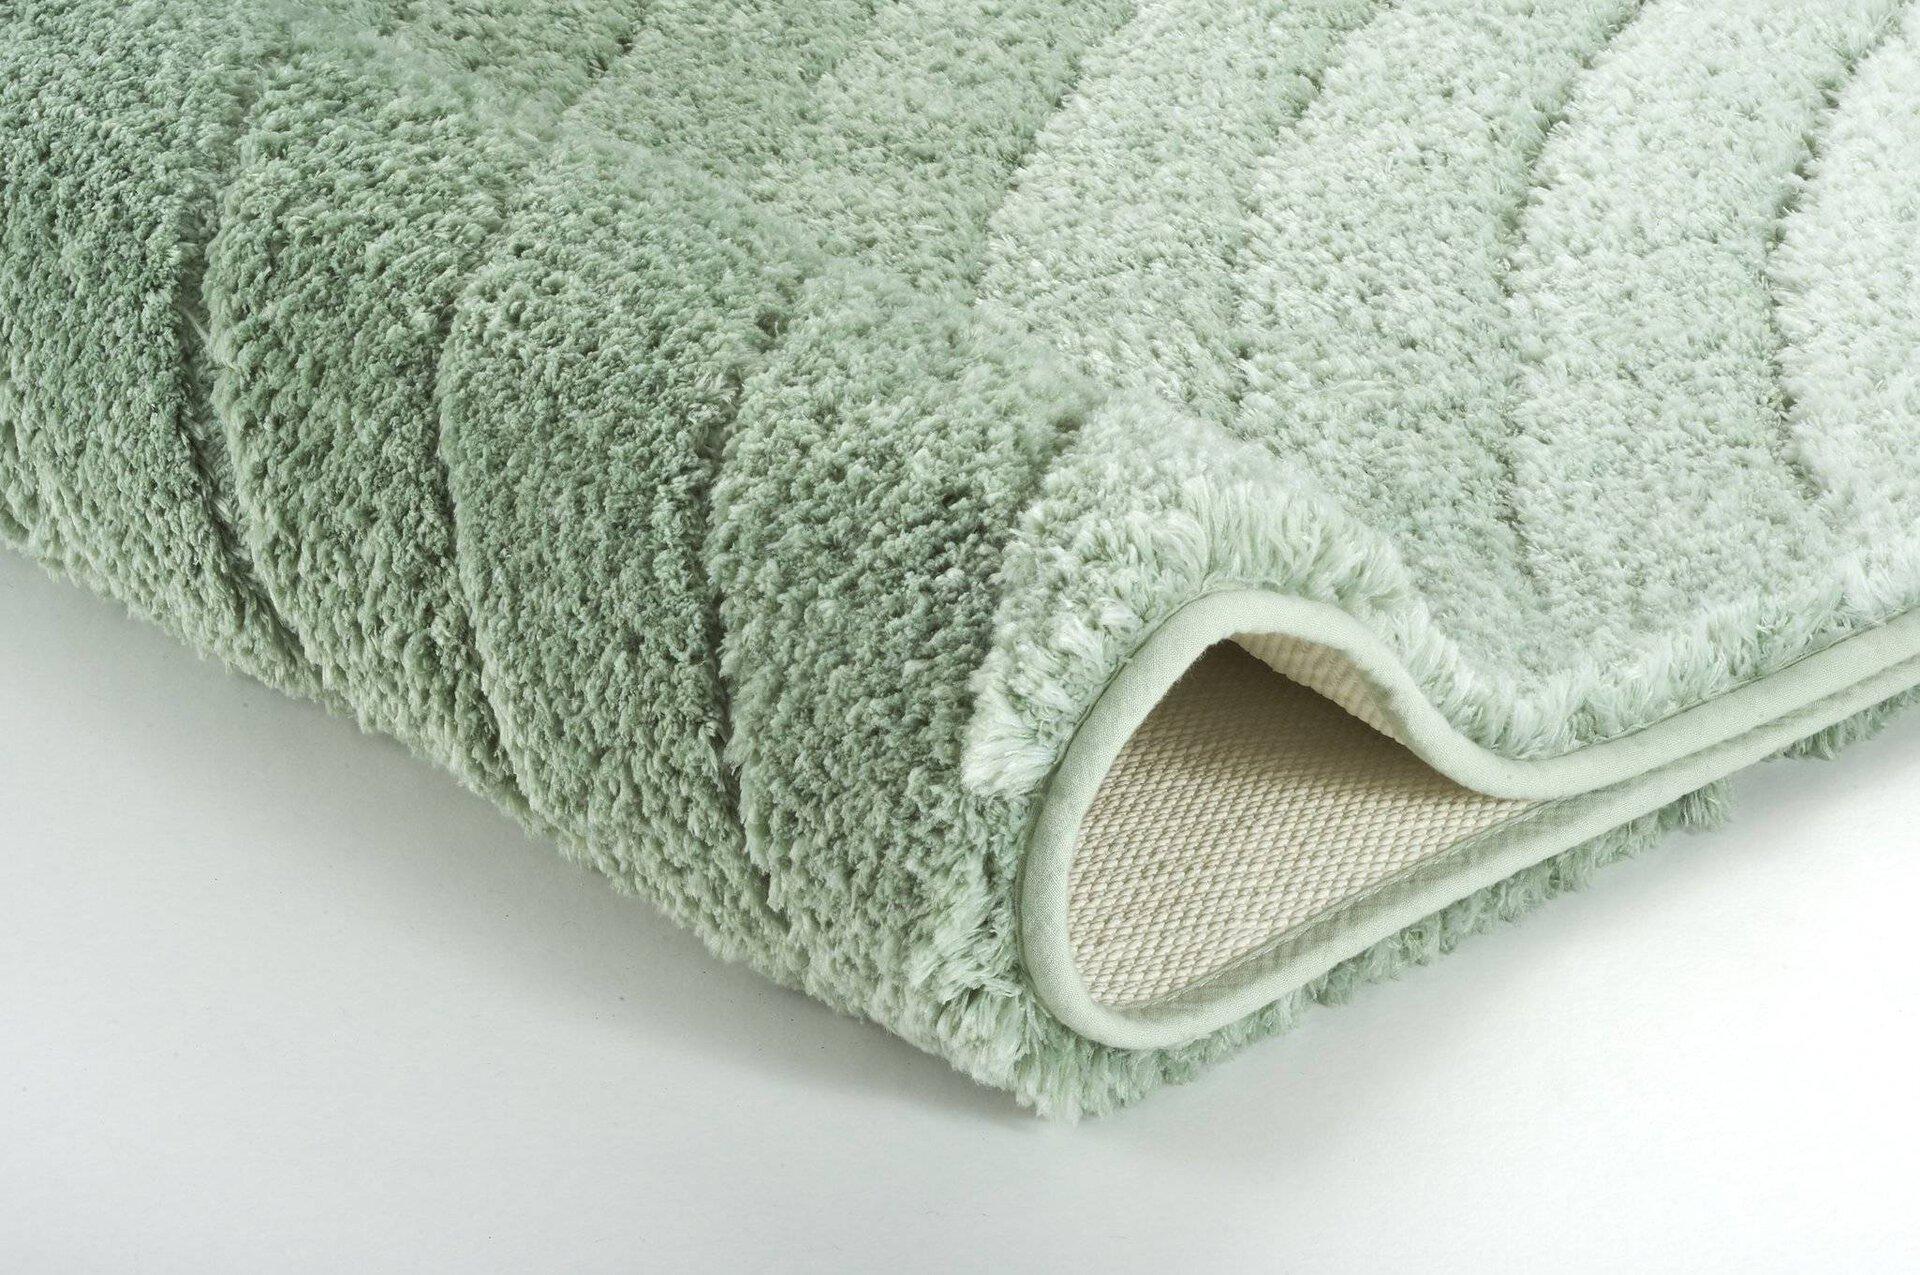 Badteppich Tender Kleine Wolke Textil 100 x 2 x 60 cm